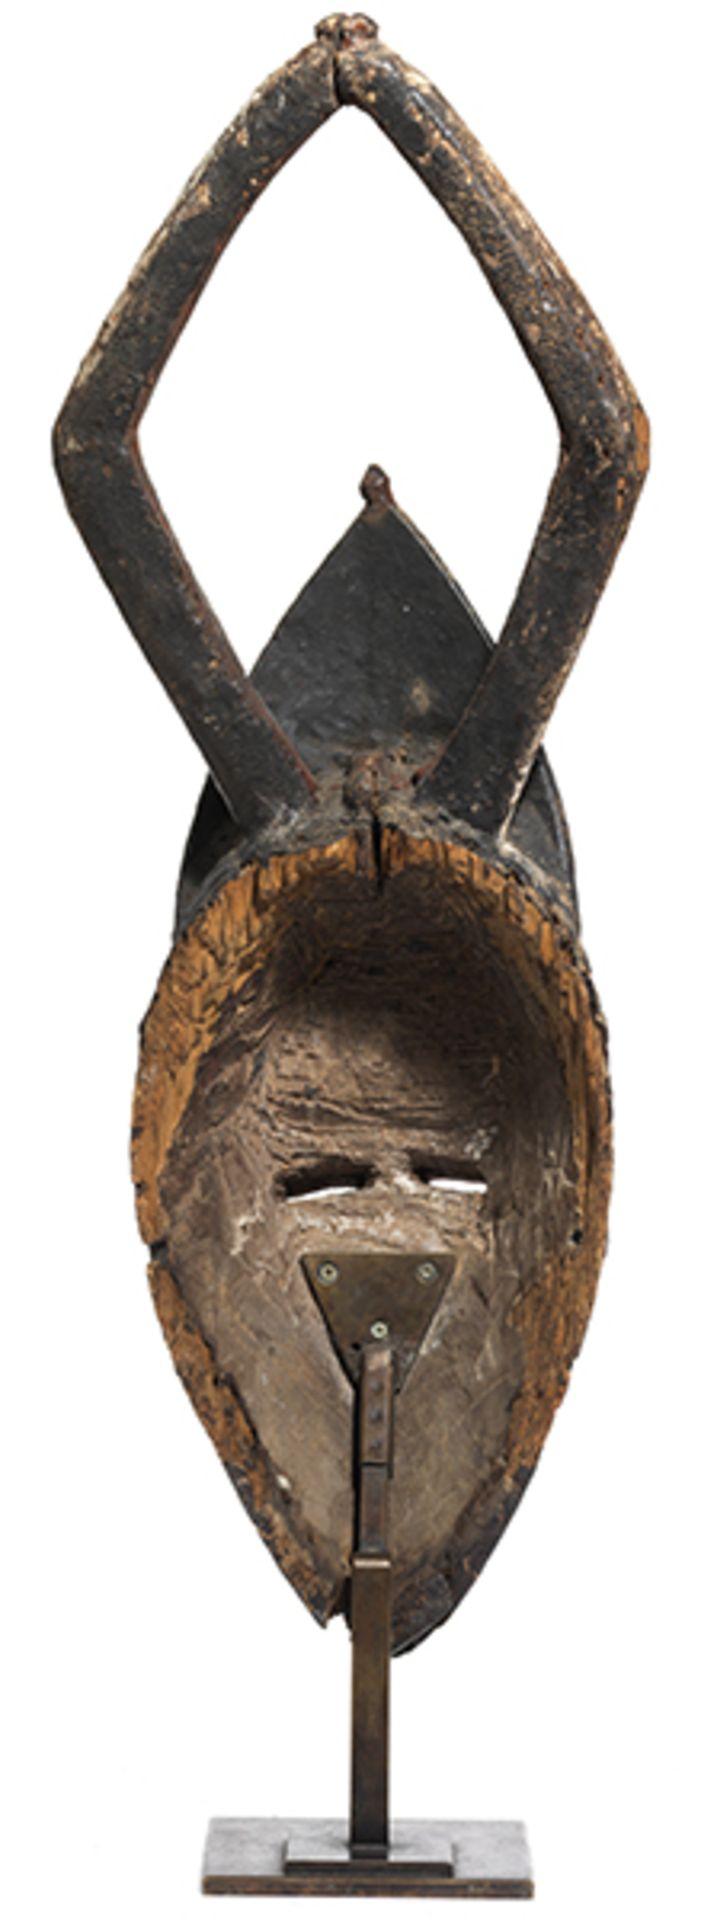 Los 902 - Omotokpokpo-Maske der Urhobo Höhe der Maske: 50 cm. Höhe mit Halterung: 56 cm. Aus Holz auf...